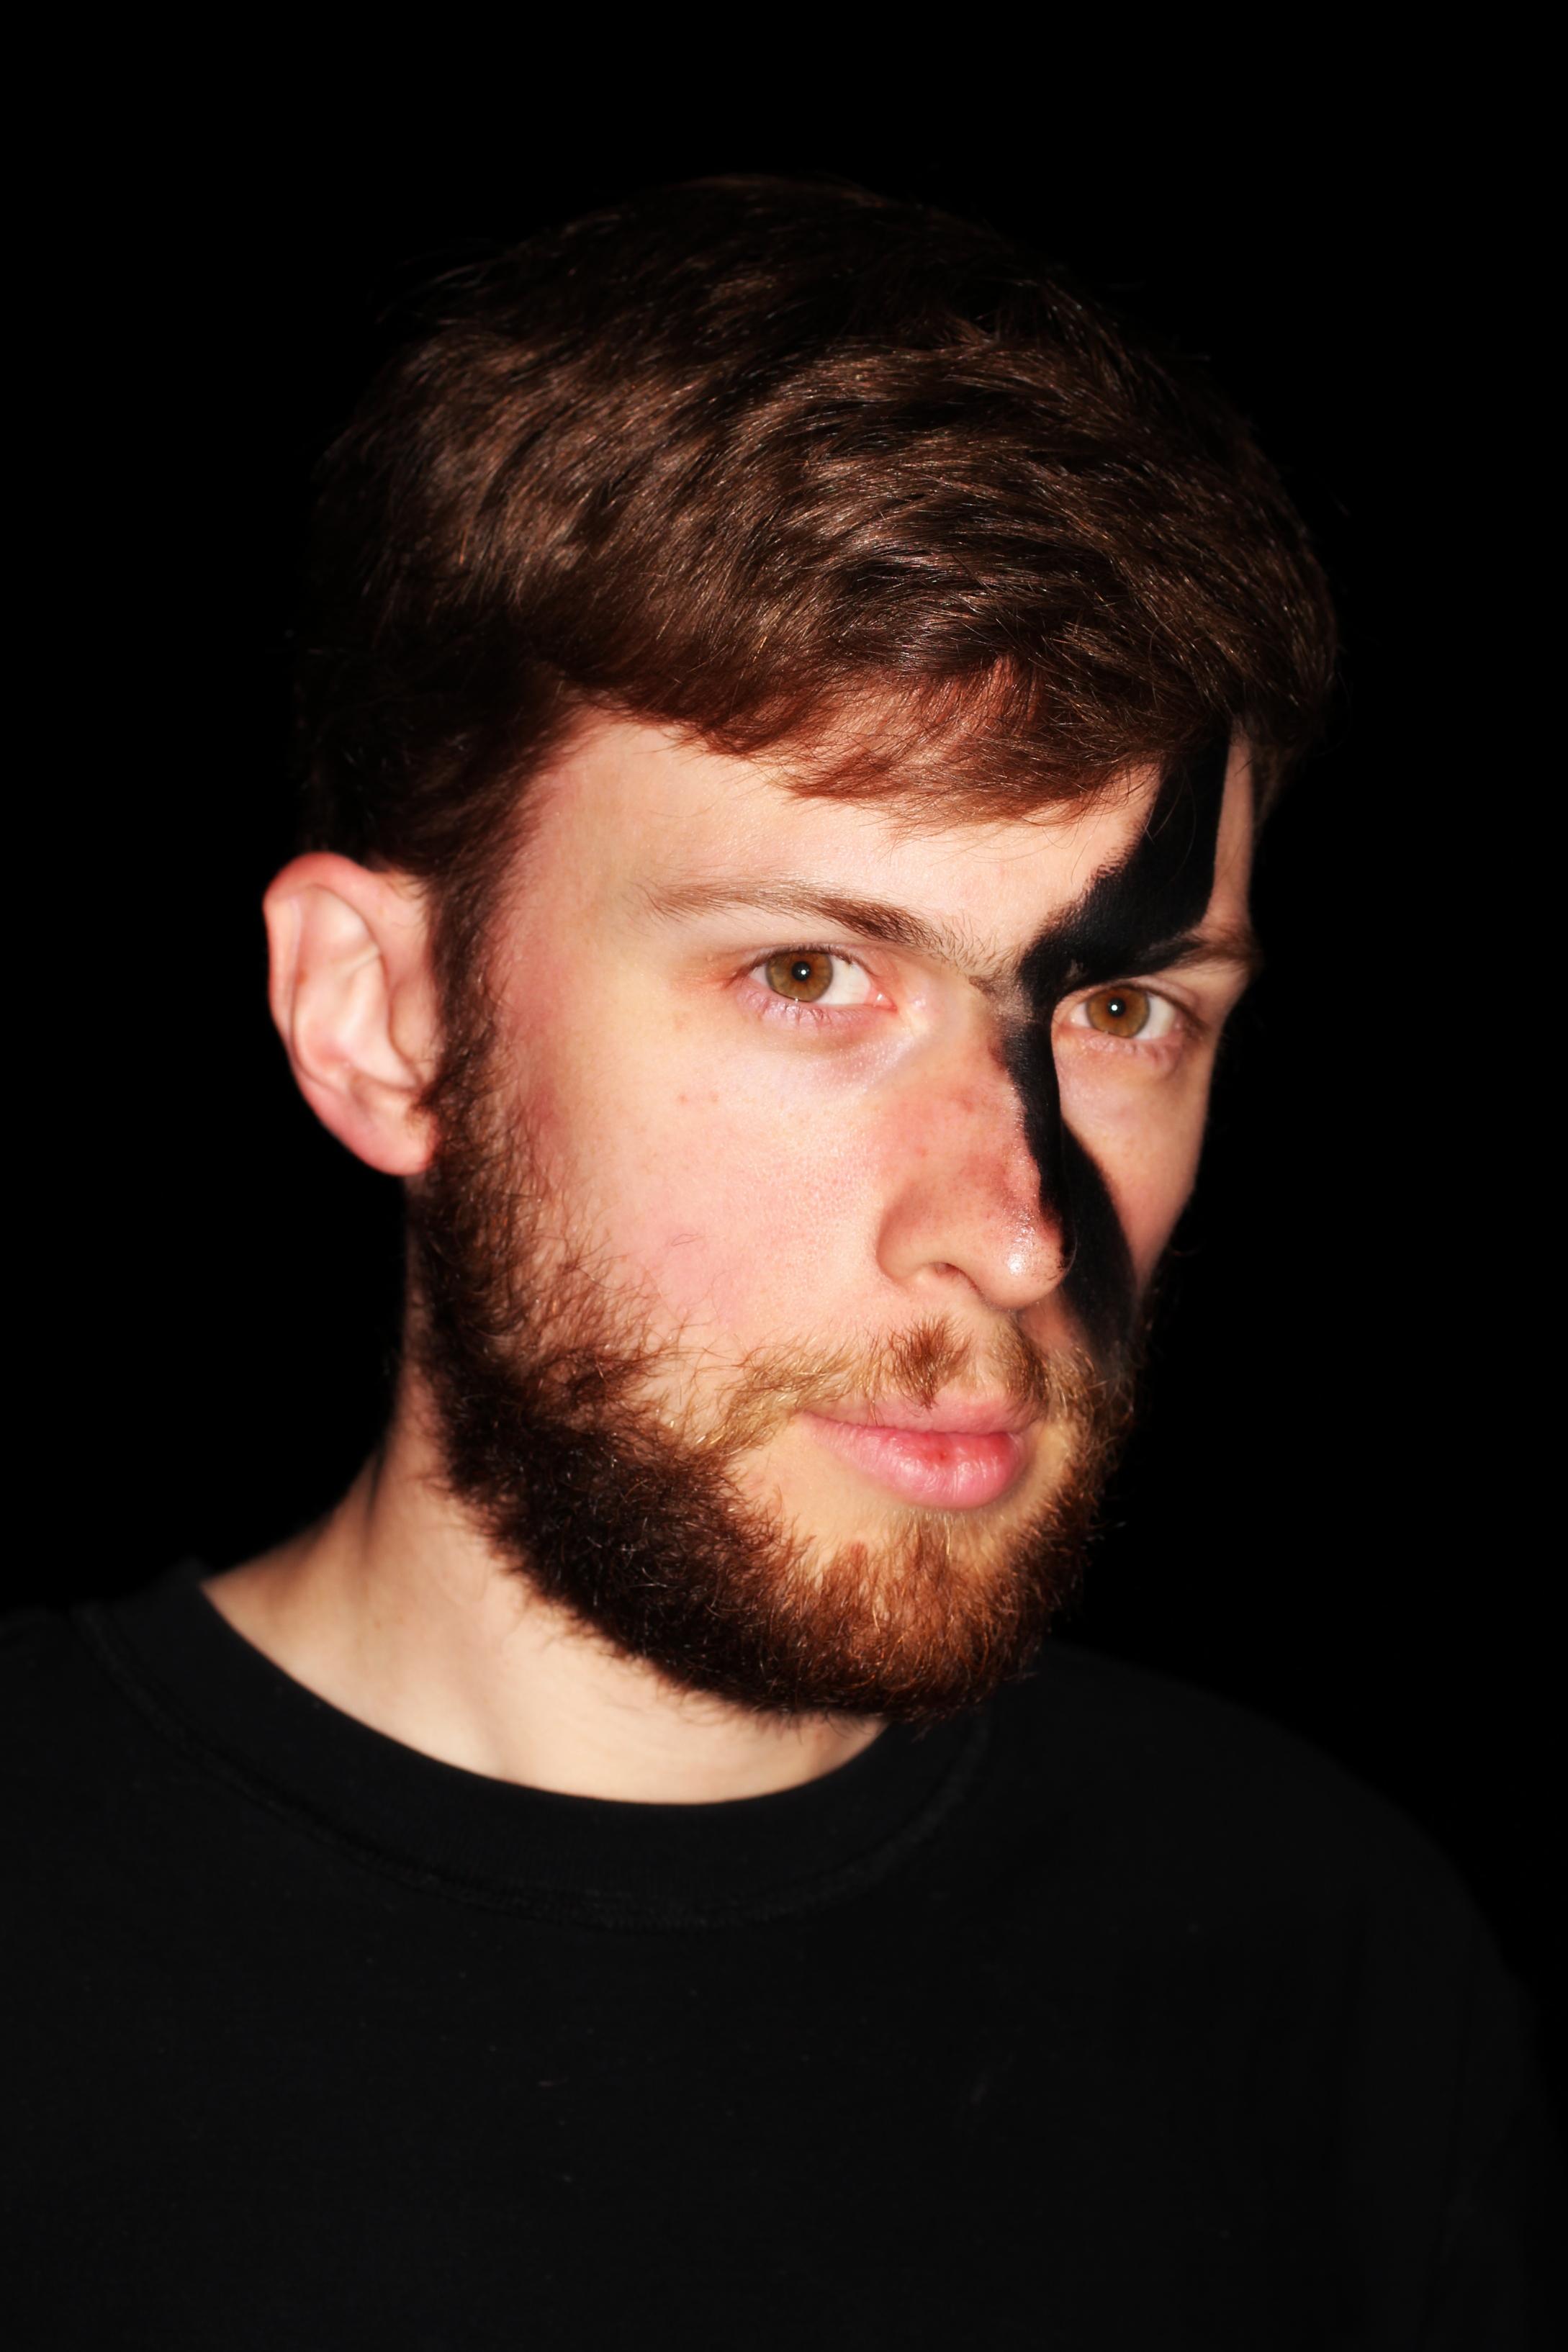 Hugo drummer portait